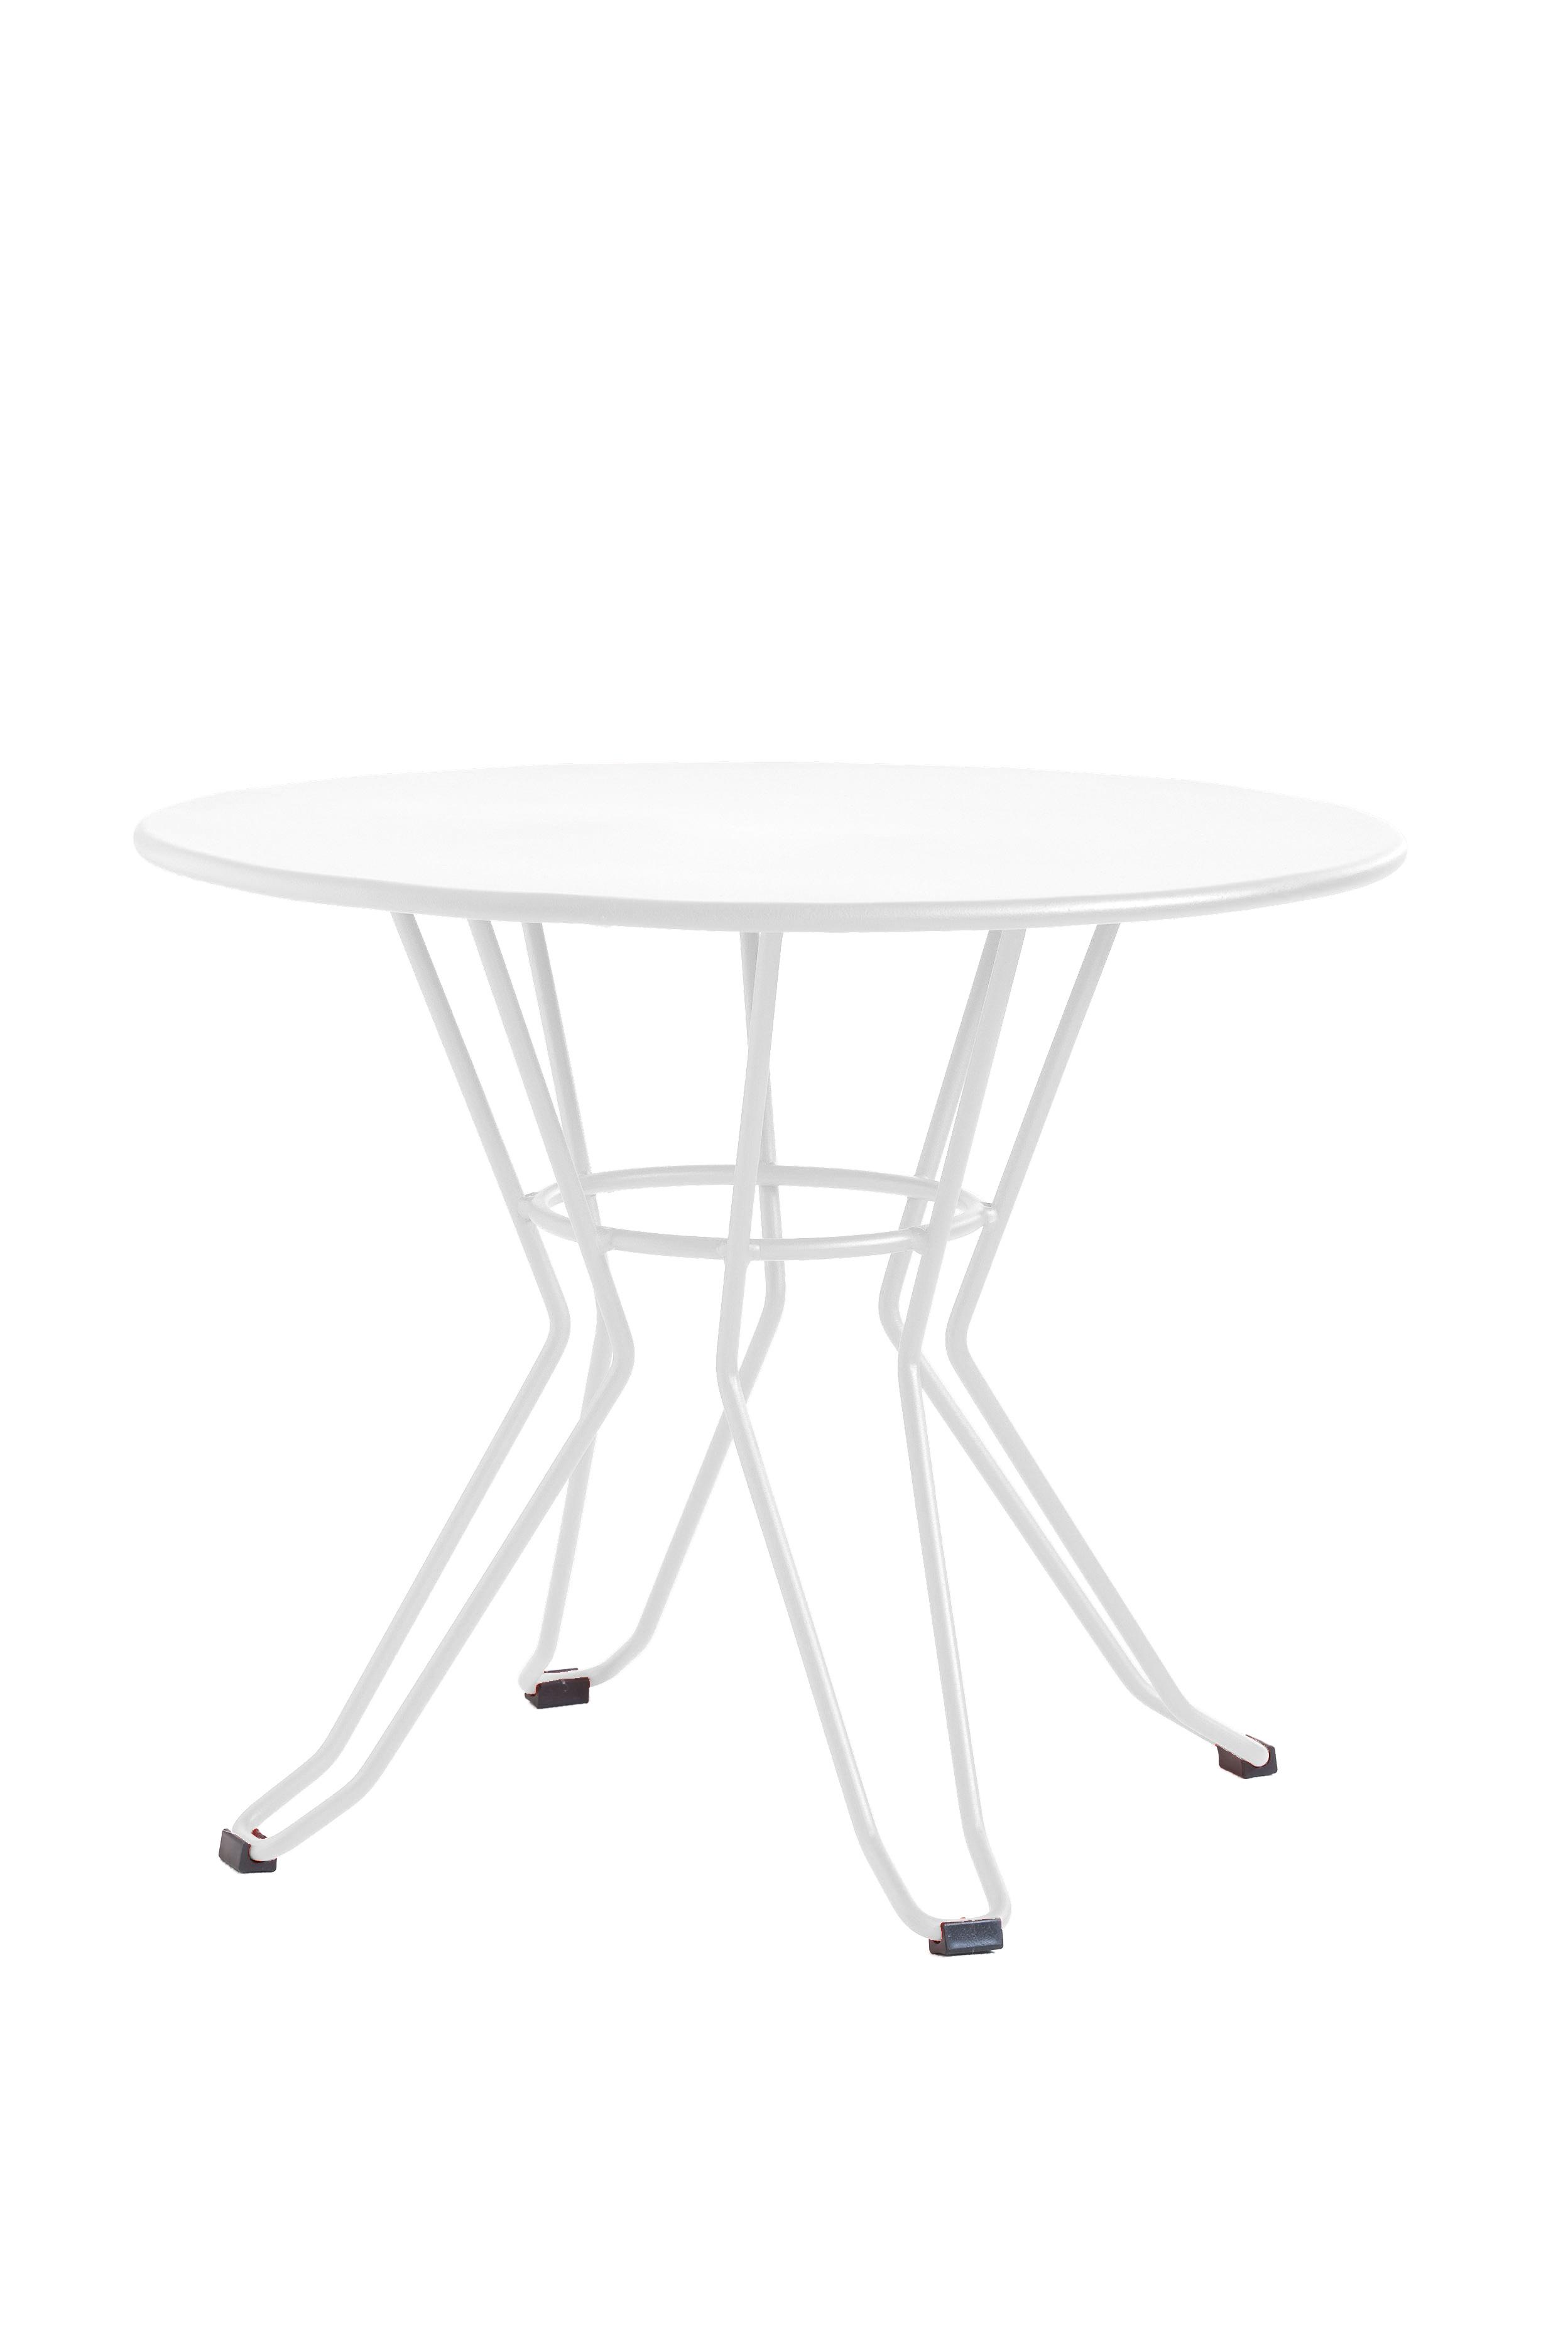 CAPRI - Table basse en acier blanc D60